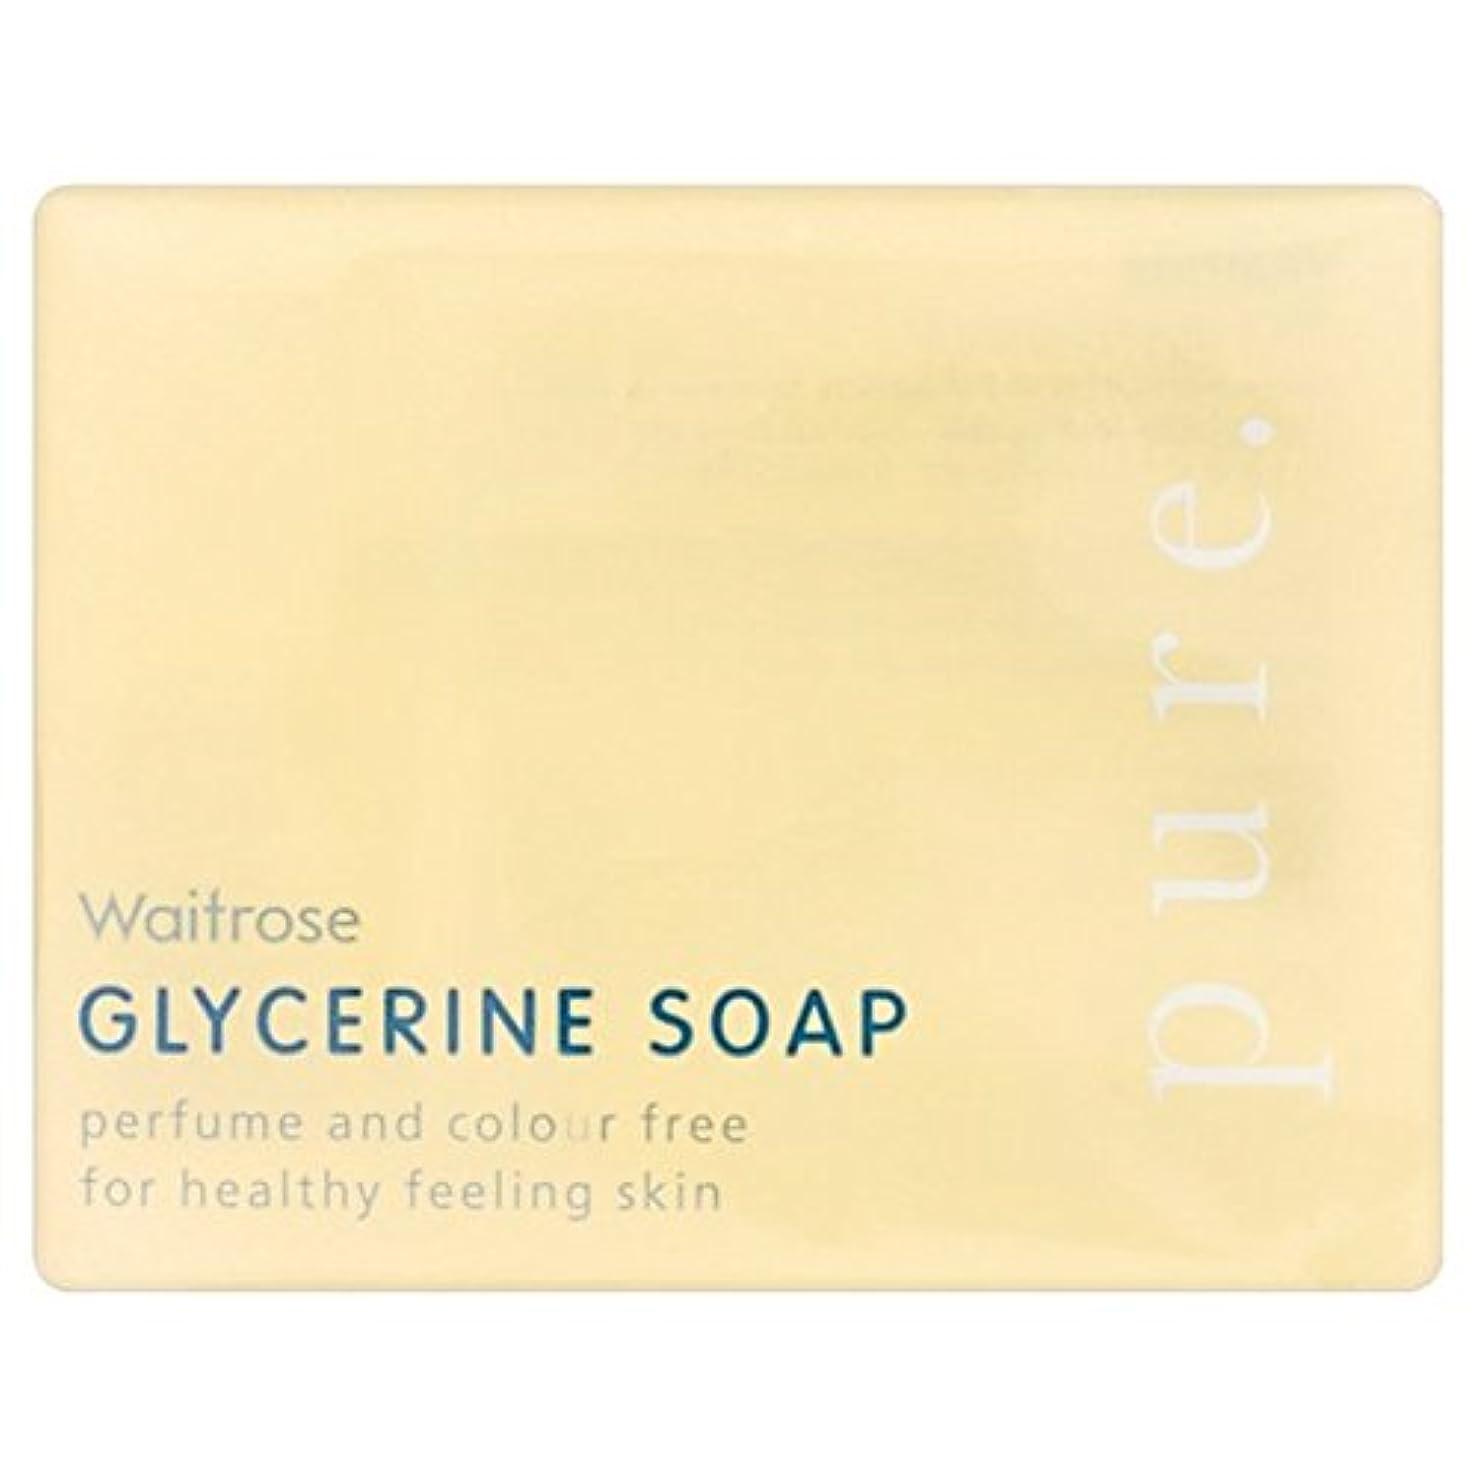 同時印象統合純粋なグリセリンソープウェイトローズの100グラム x2 - Pure Glycerine Soap Waitrose 100g (Pack of 2) [並行輸入品]